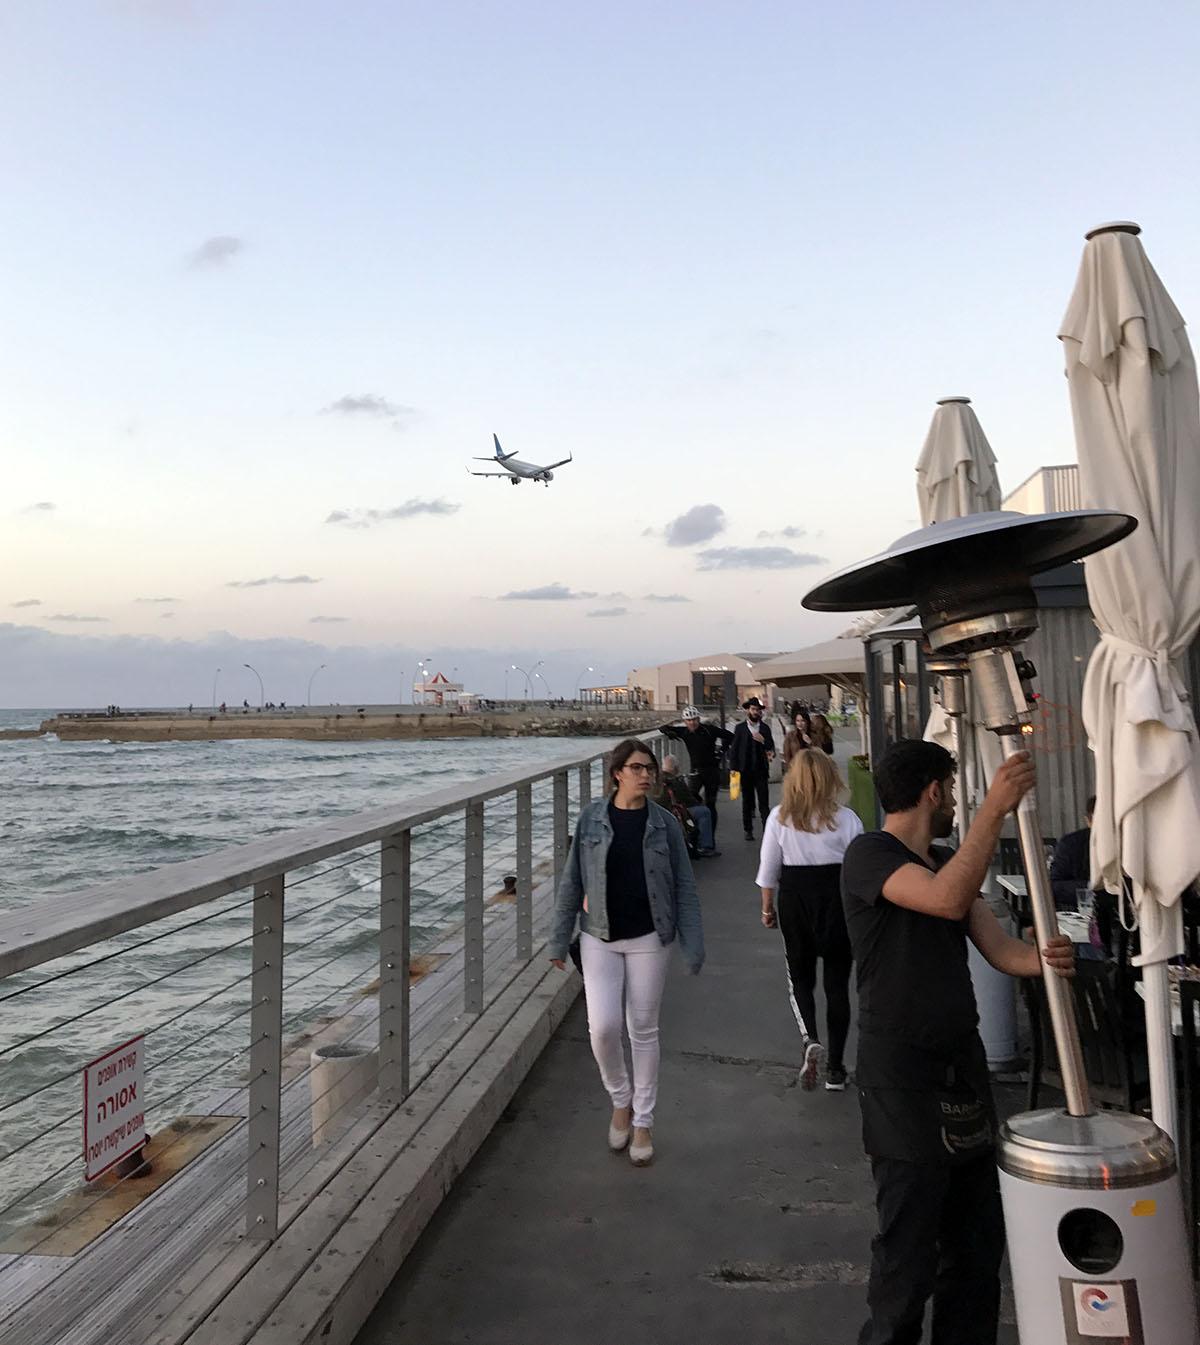 Под вечер персонал устанавливает грелки, чтоб не холодно было провожать взглядом самолёты.